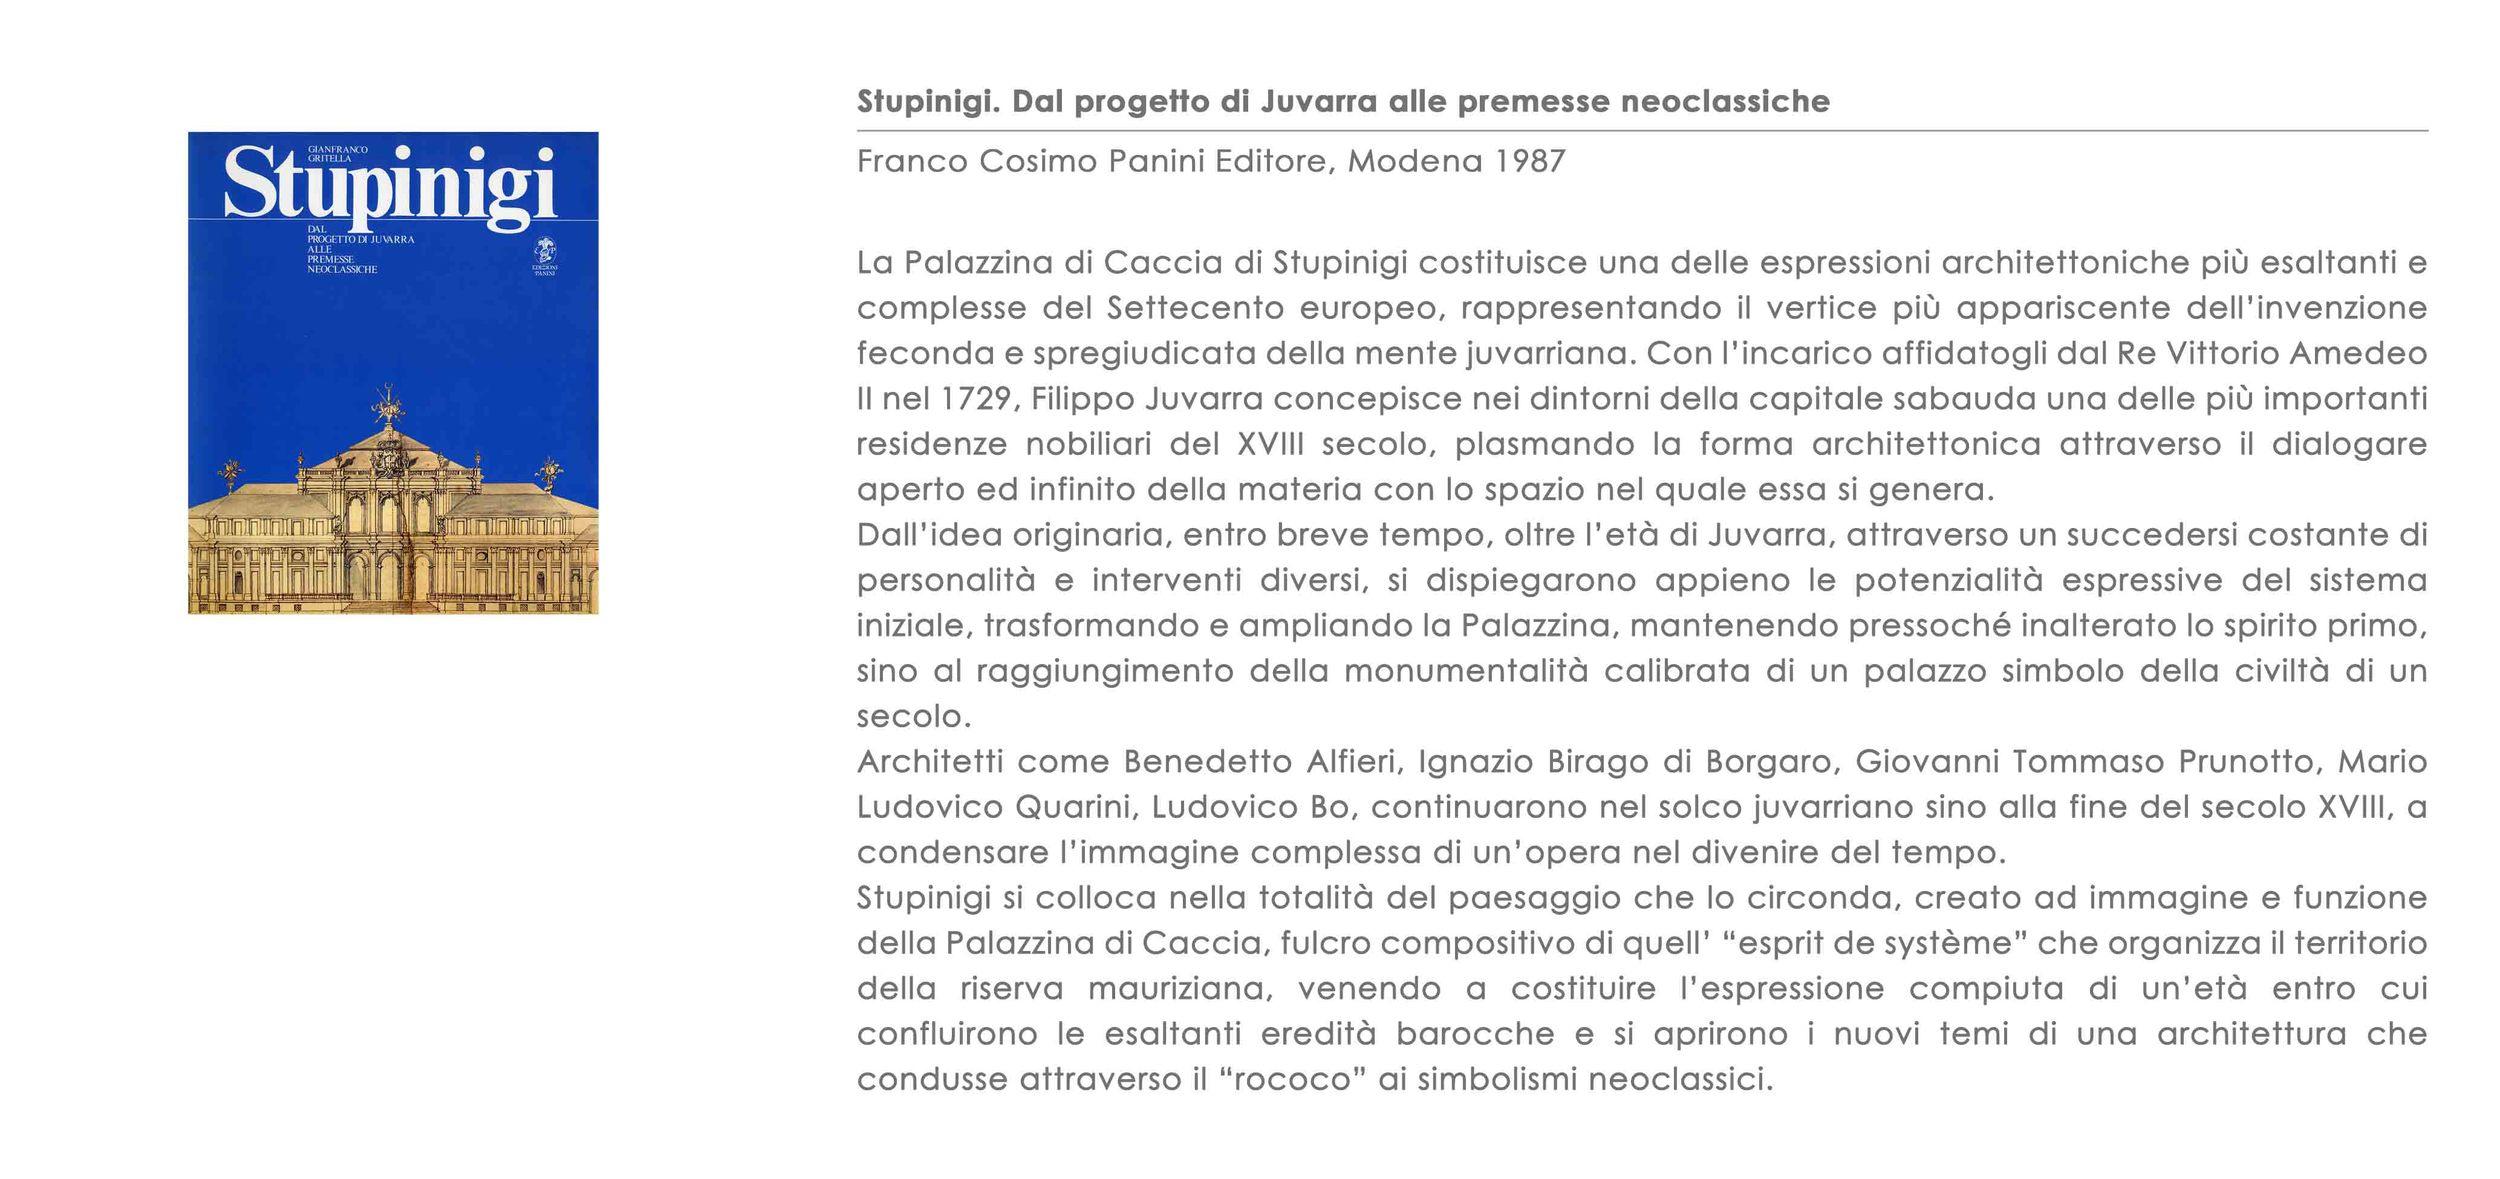 Copertina Stupinigi2.jpg